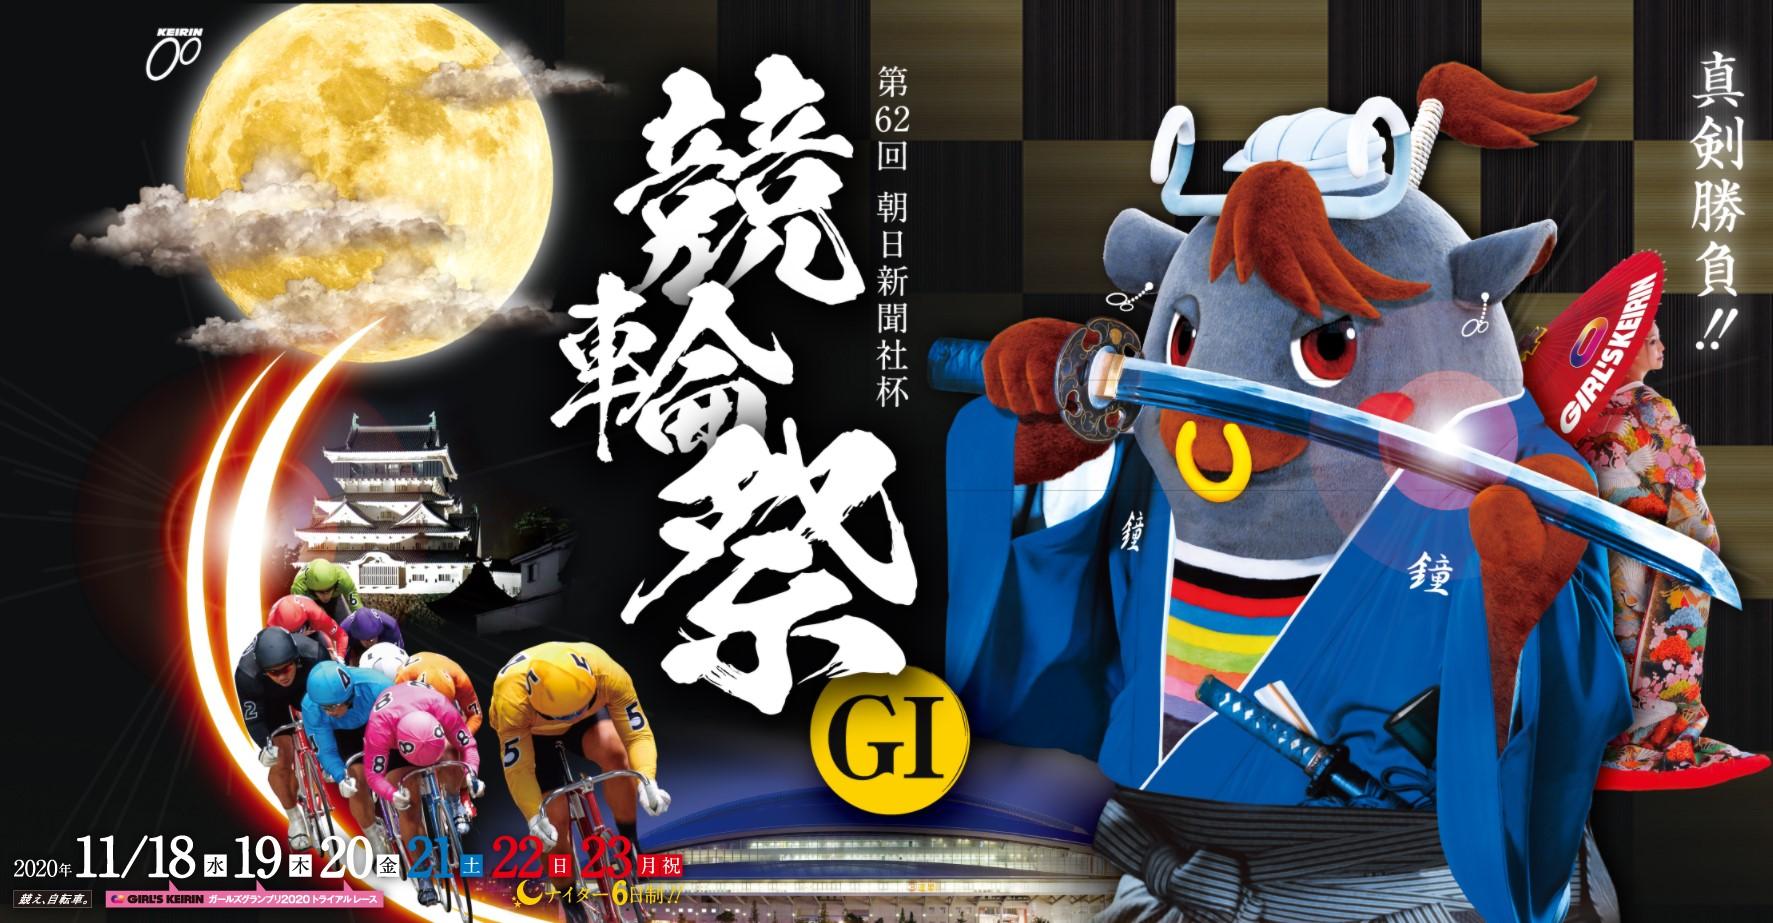 2020年 小倉競輪第62回朝日新聞社杯競輪祭(G1)の特徴